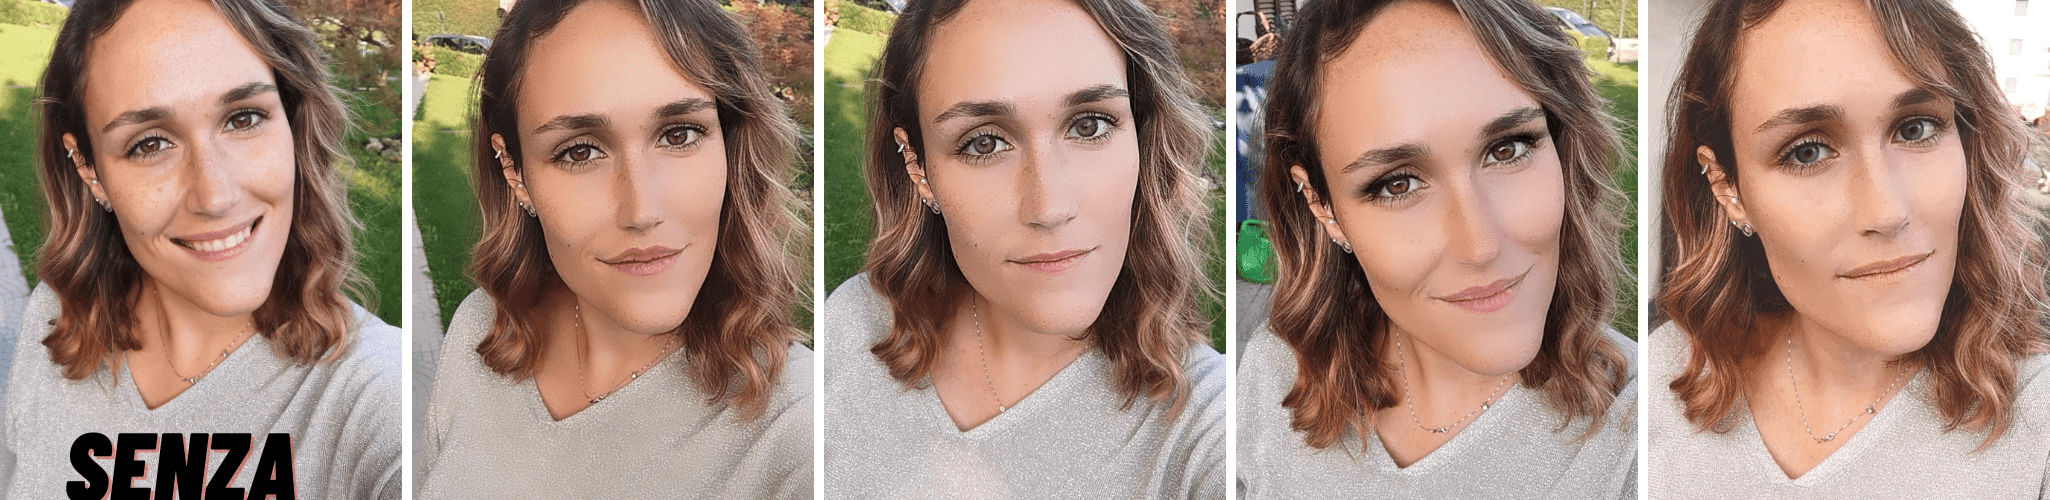 carousel filtri instagram snapchat percezione corpo benessere tecnologico rischi adolescenti tecnologia tecnolaura